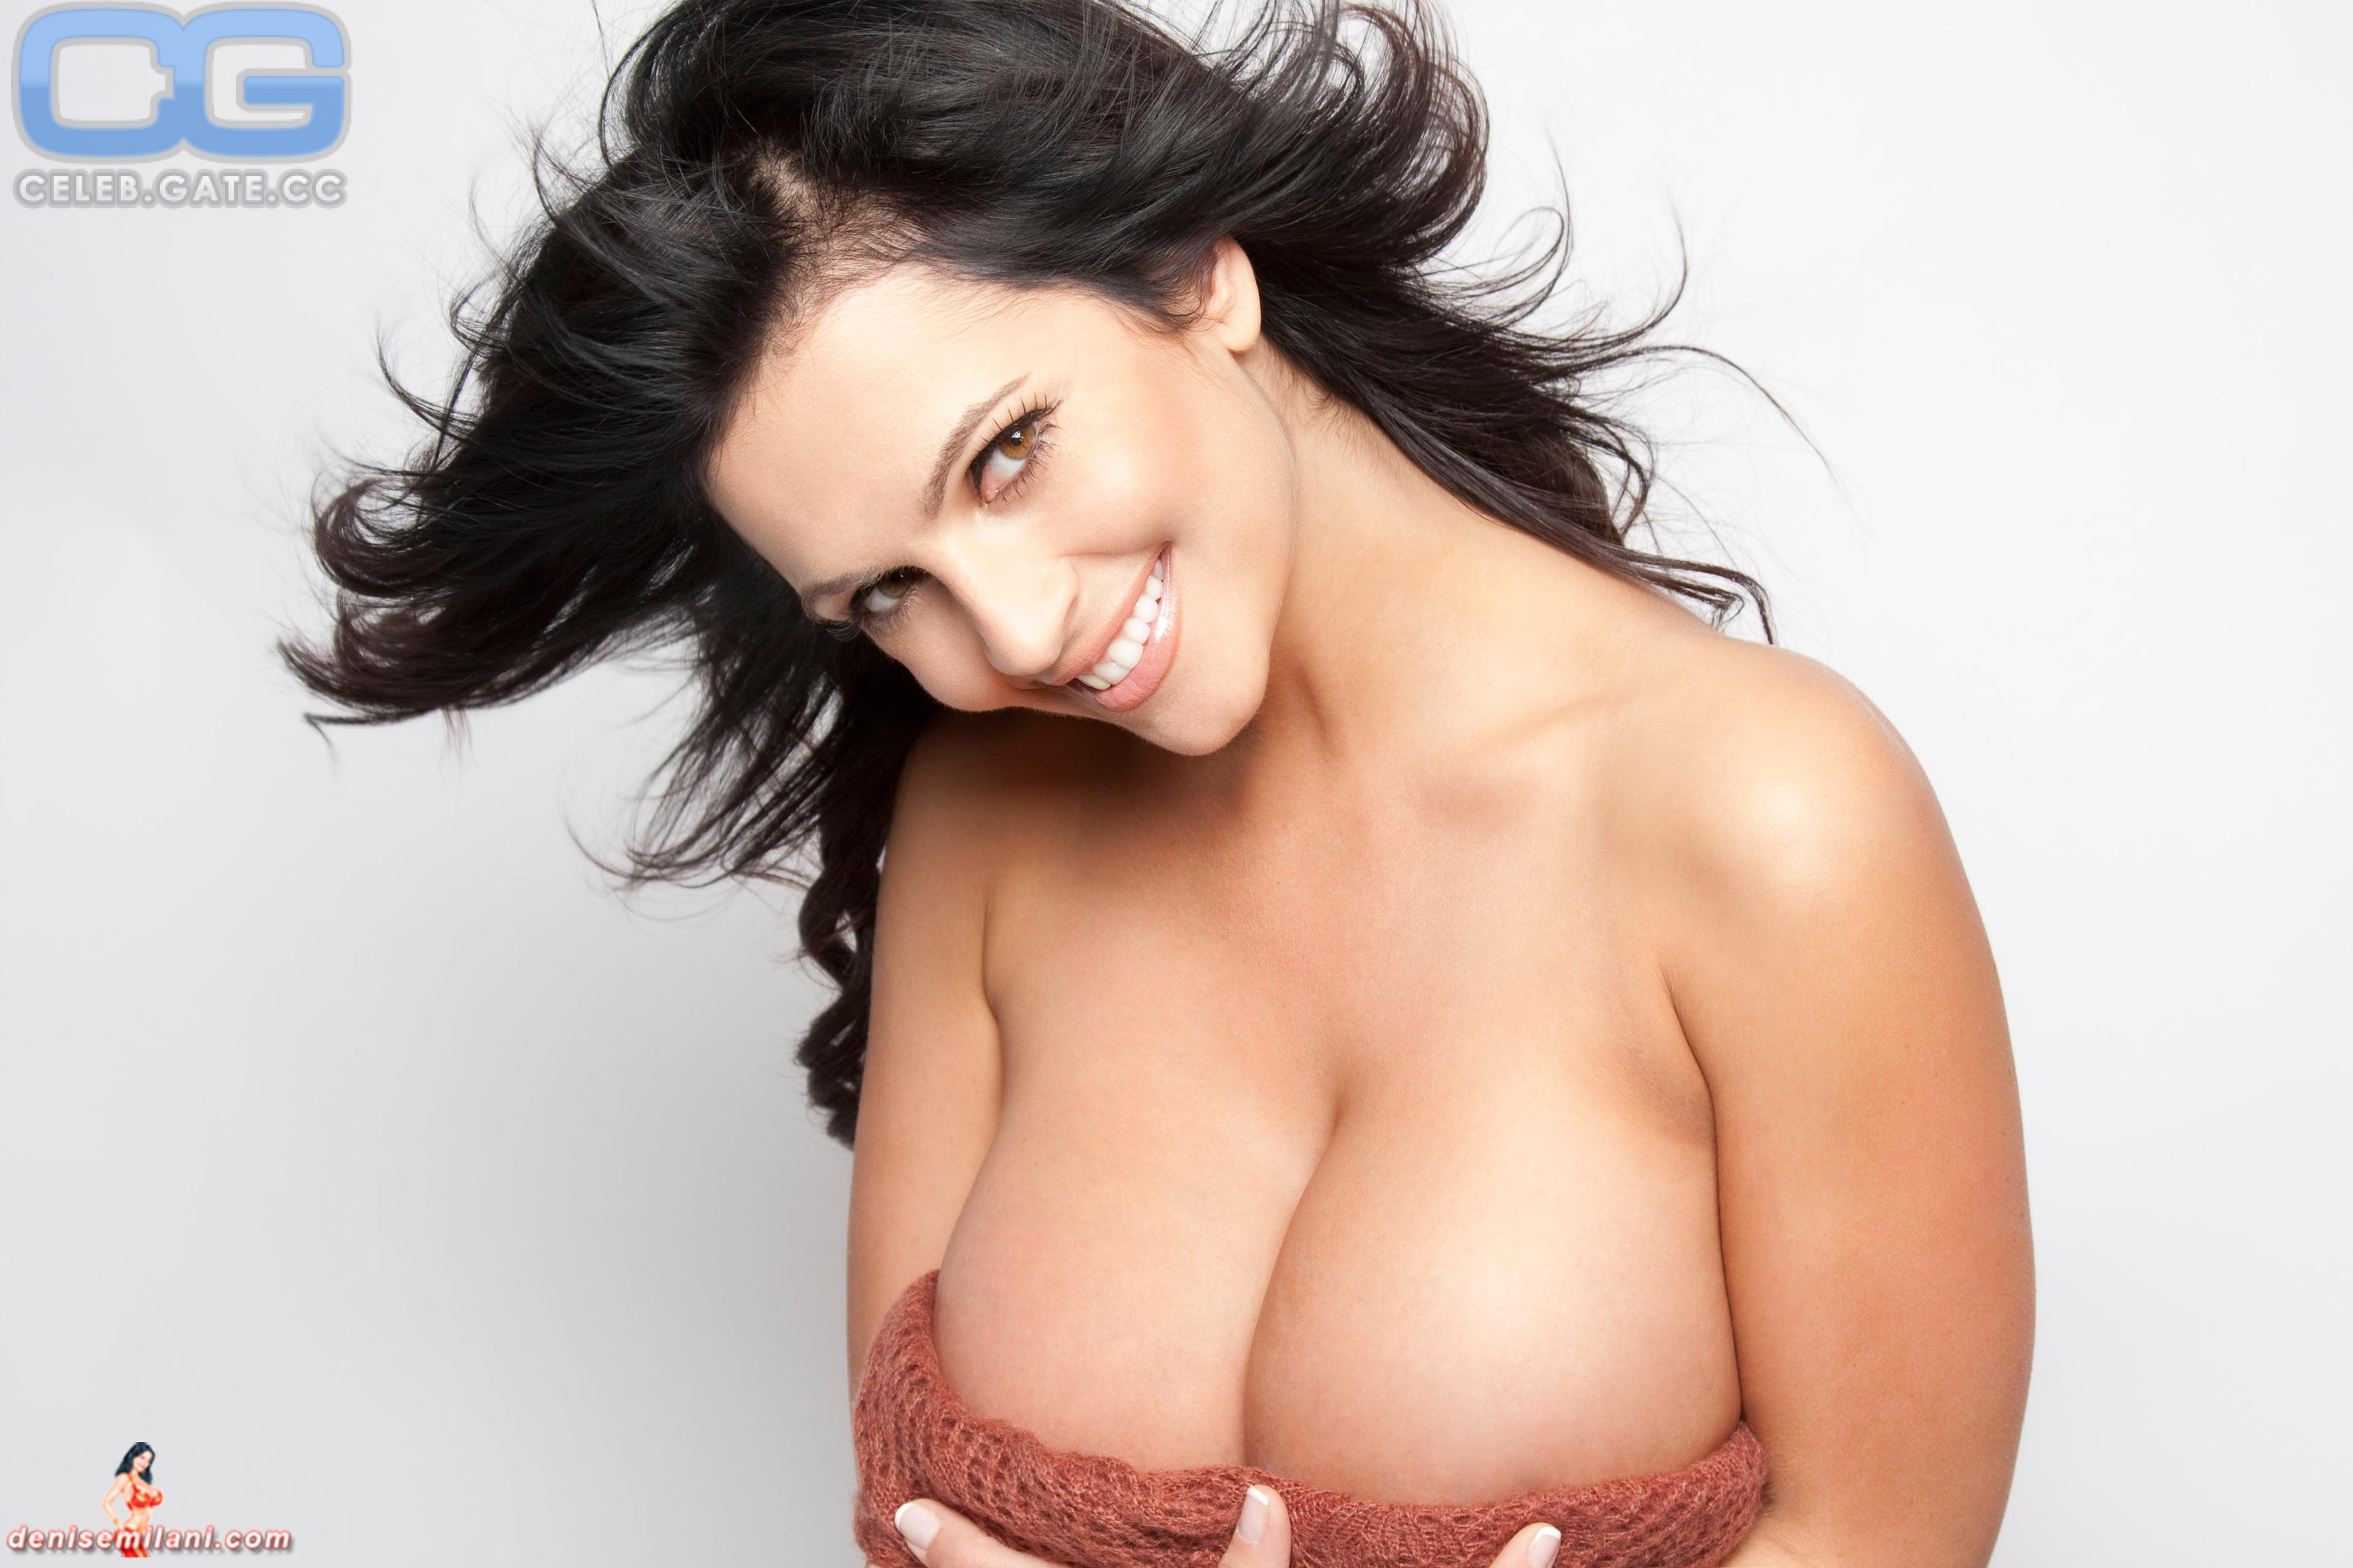 Ideal Naked Photos Of Denise Milani Gif